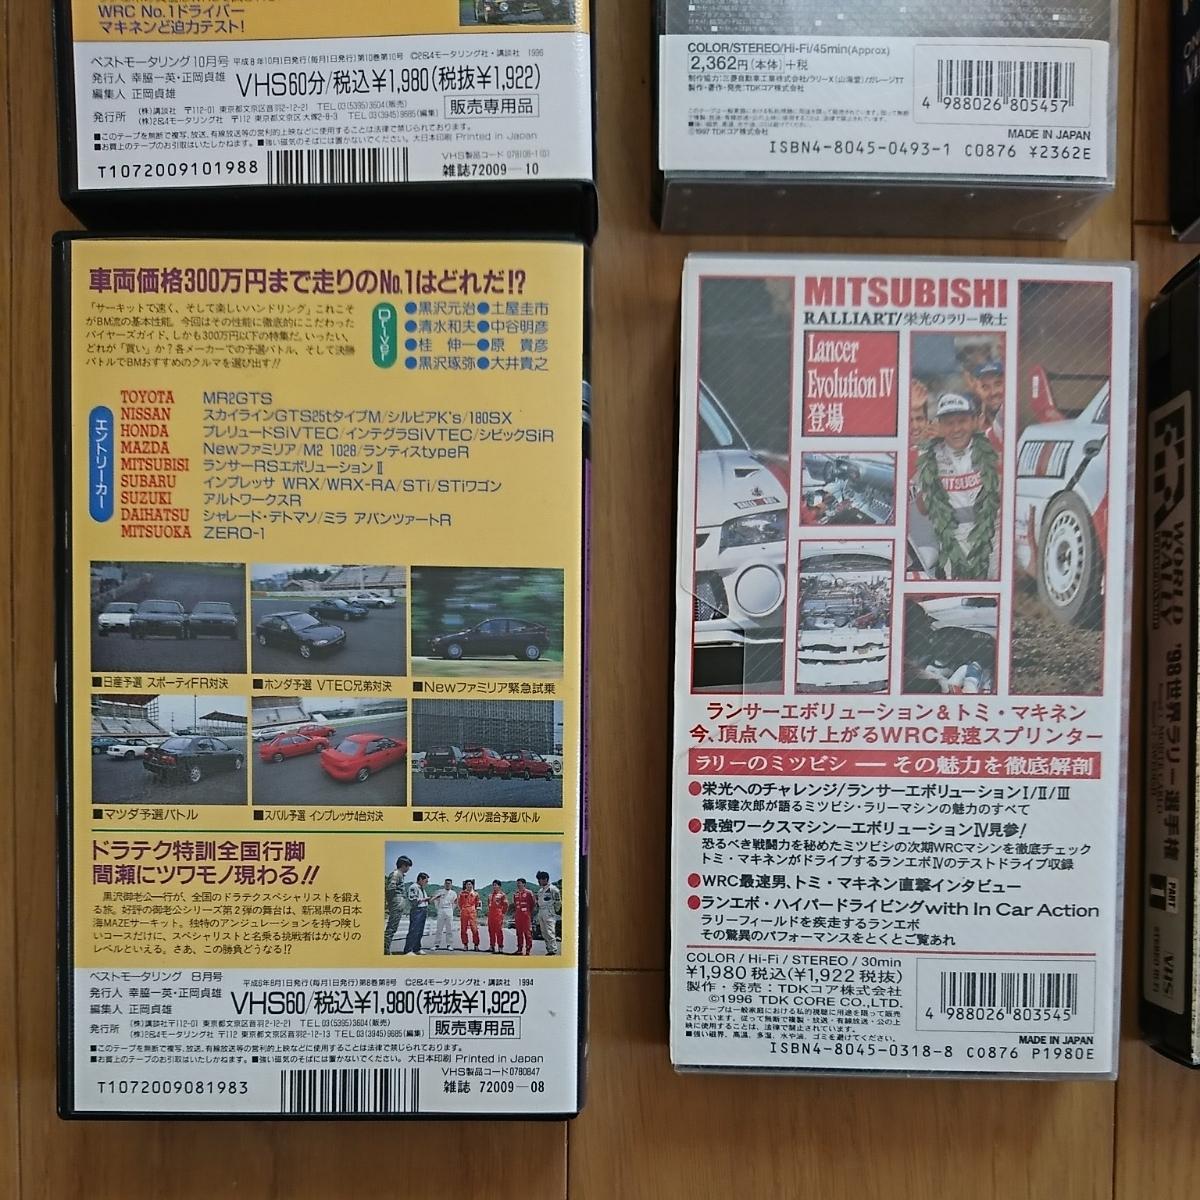 激レア!三菱 ランサーエボリューション・WRC・ラリー 関連のVHSビデオテープ8本セット_画像8